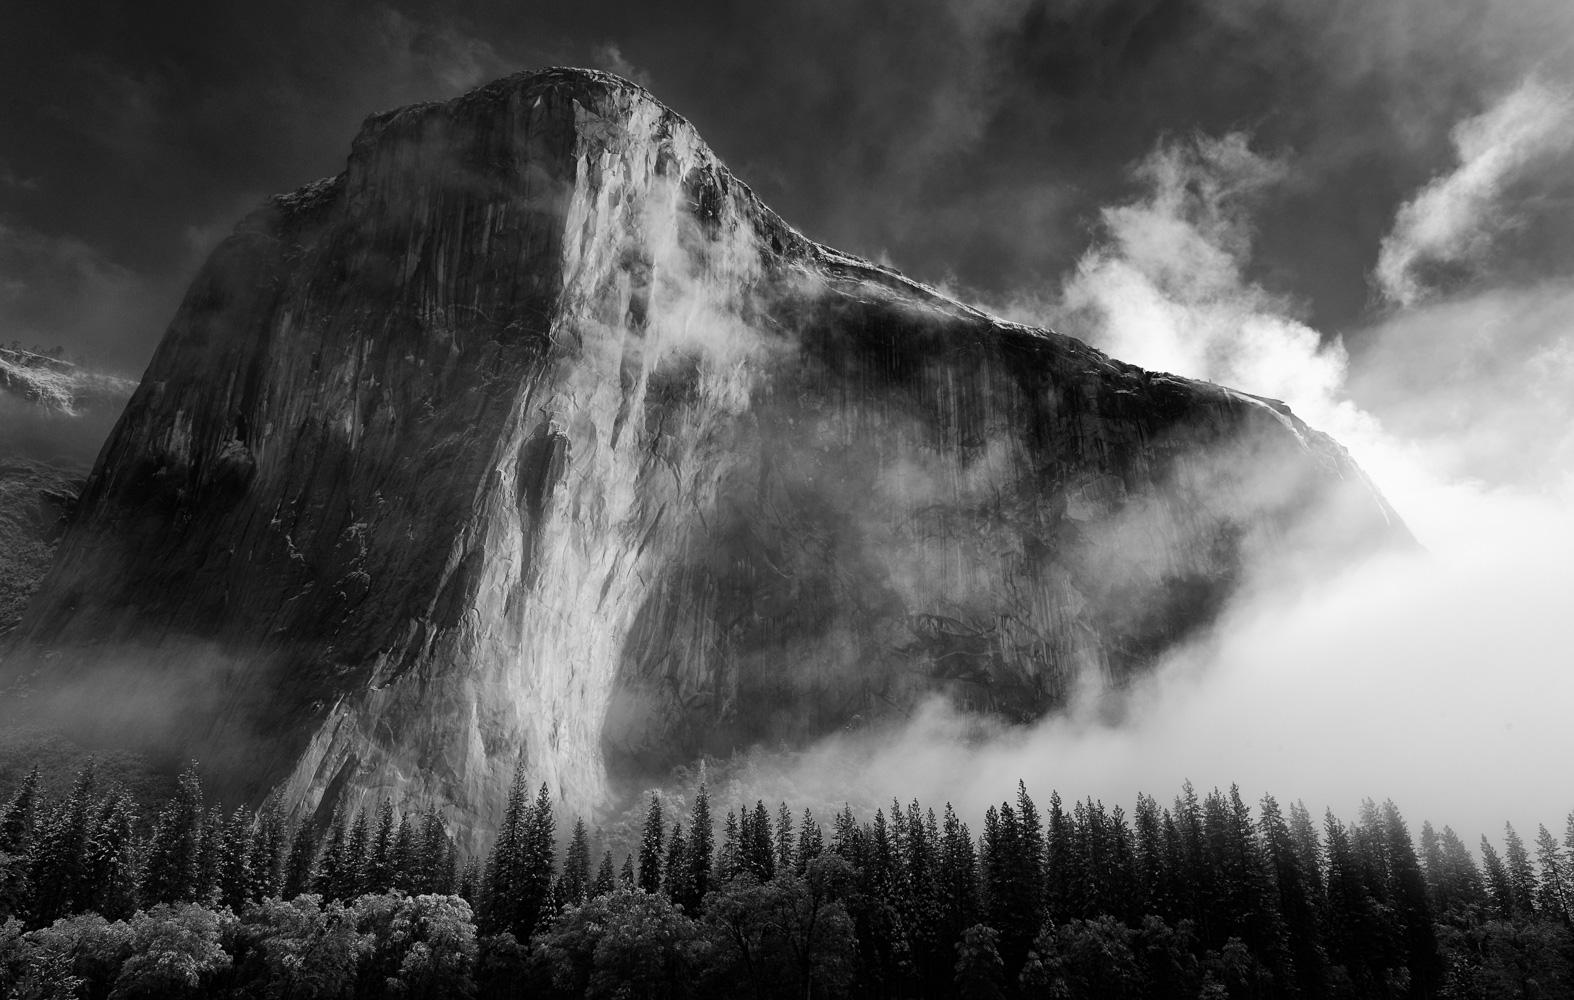 El Capitan in Yosemite National Park California